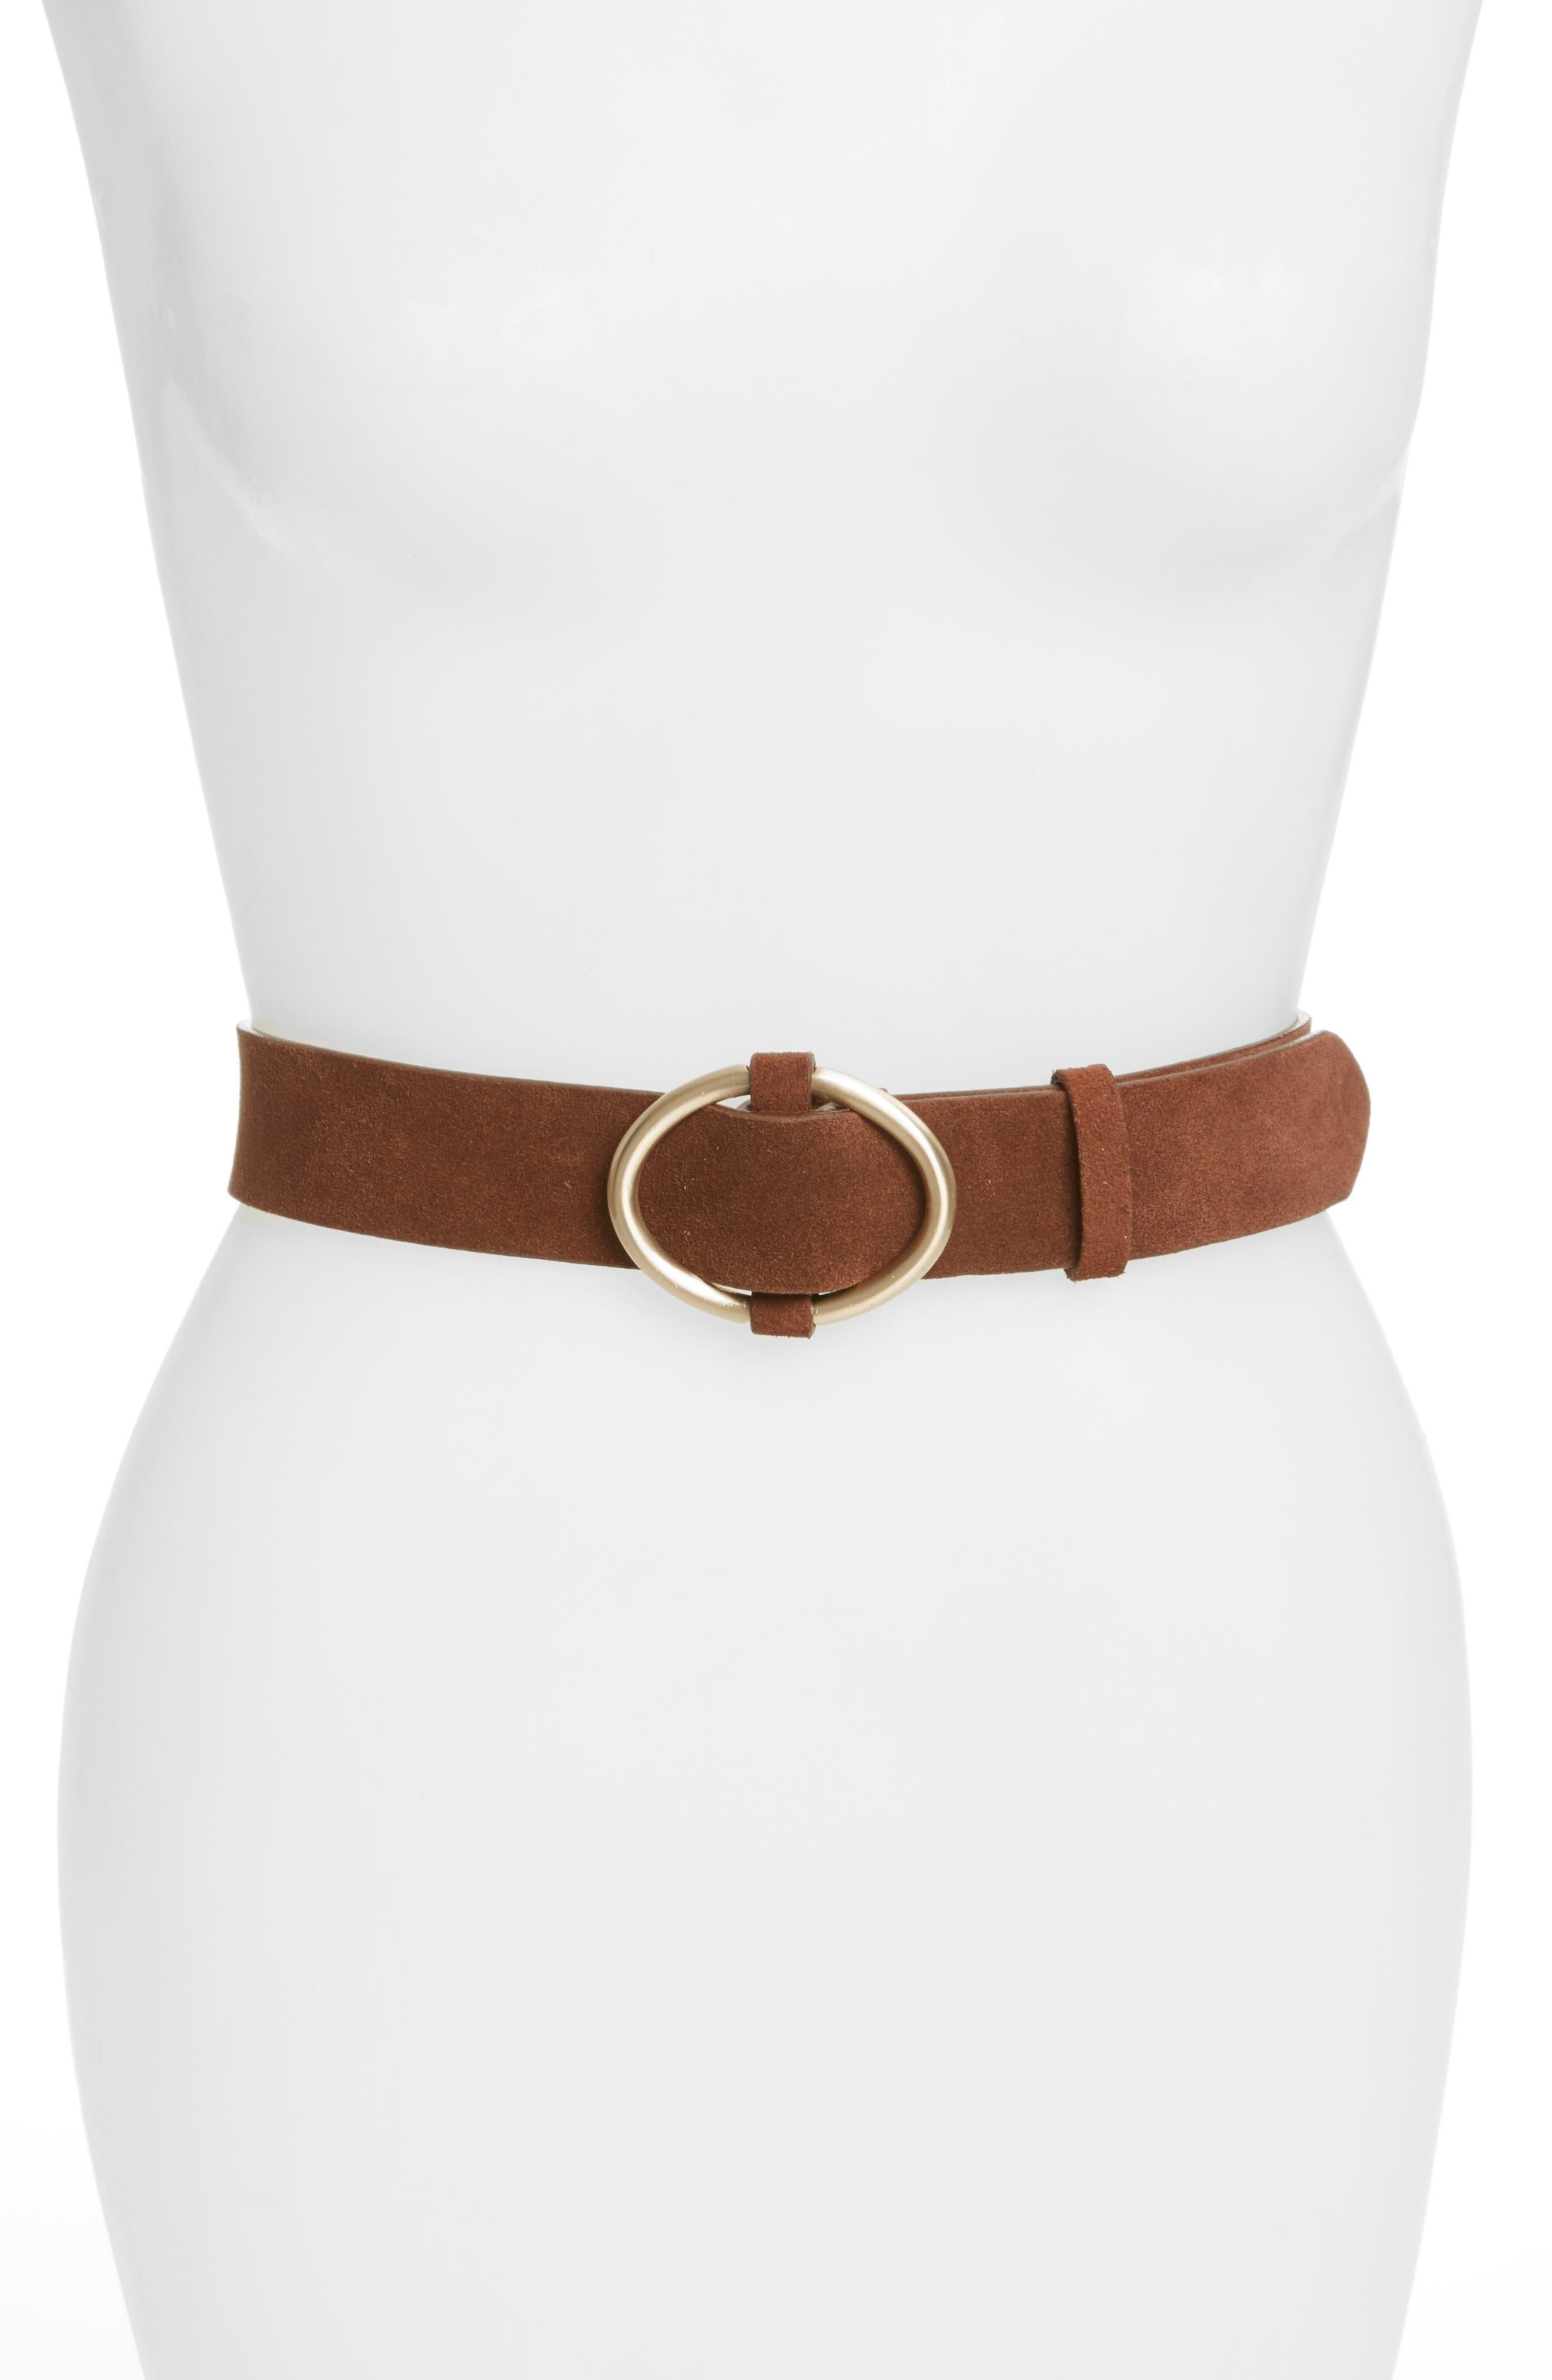 Oval Buckle Suede Belt, Main, color, COGNAC